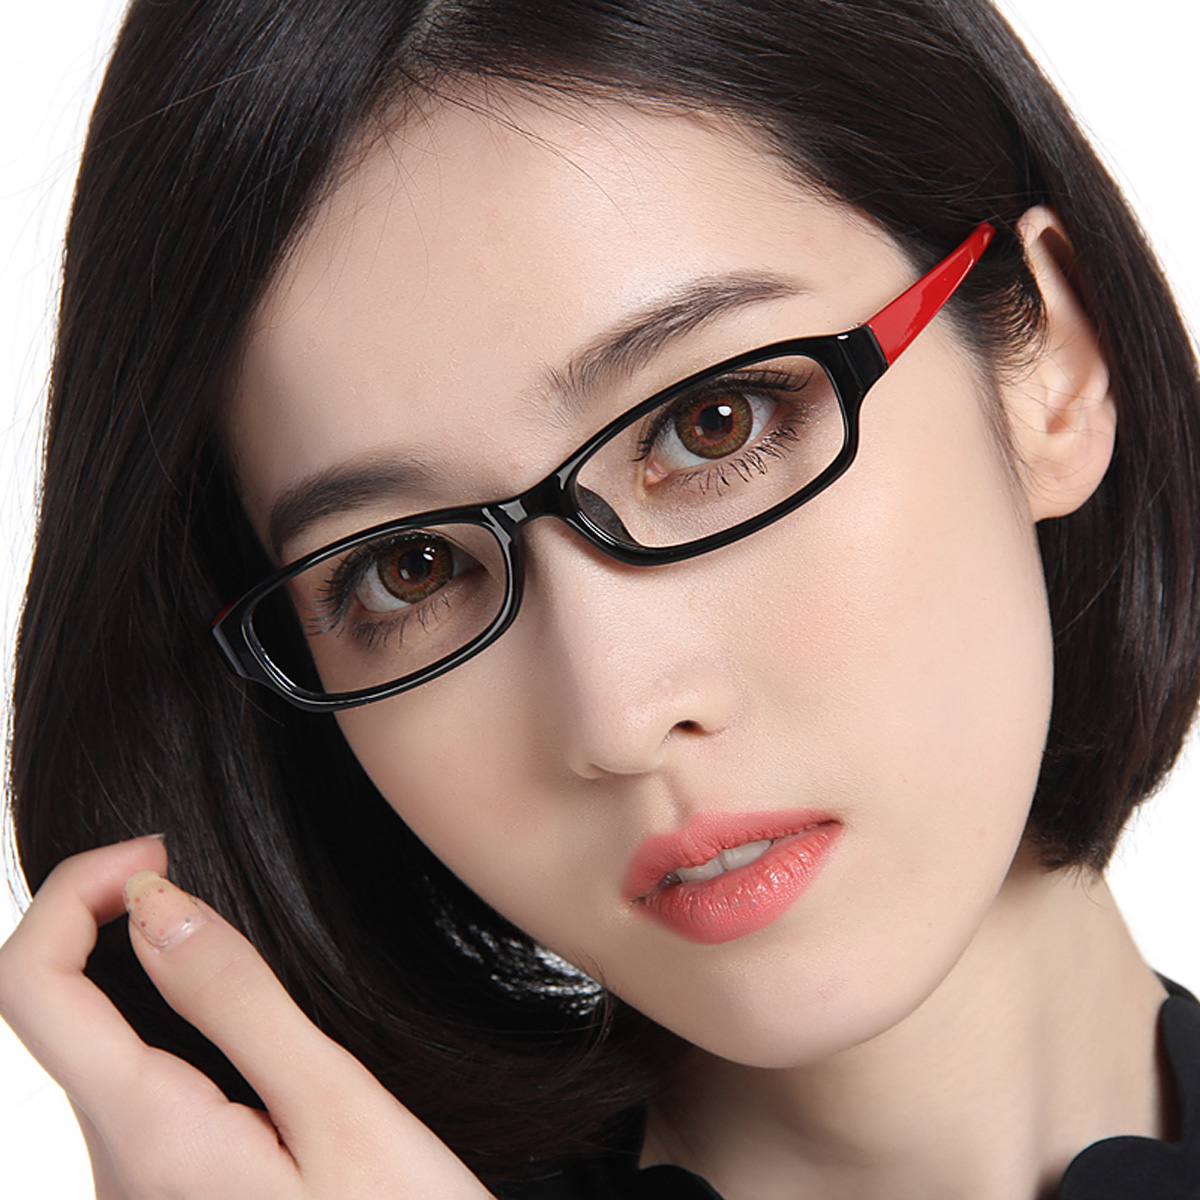 镜框女眼镜框近视女款超轻近视眼镜女小脸配眼镜学生潮眼镜架洋气